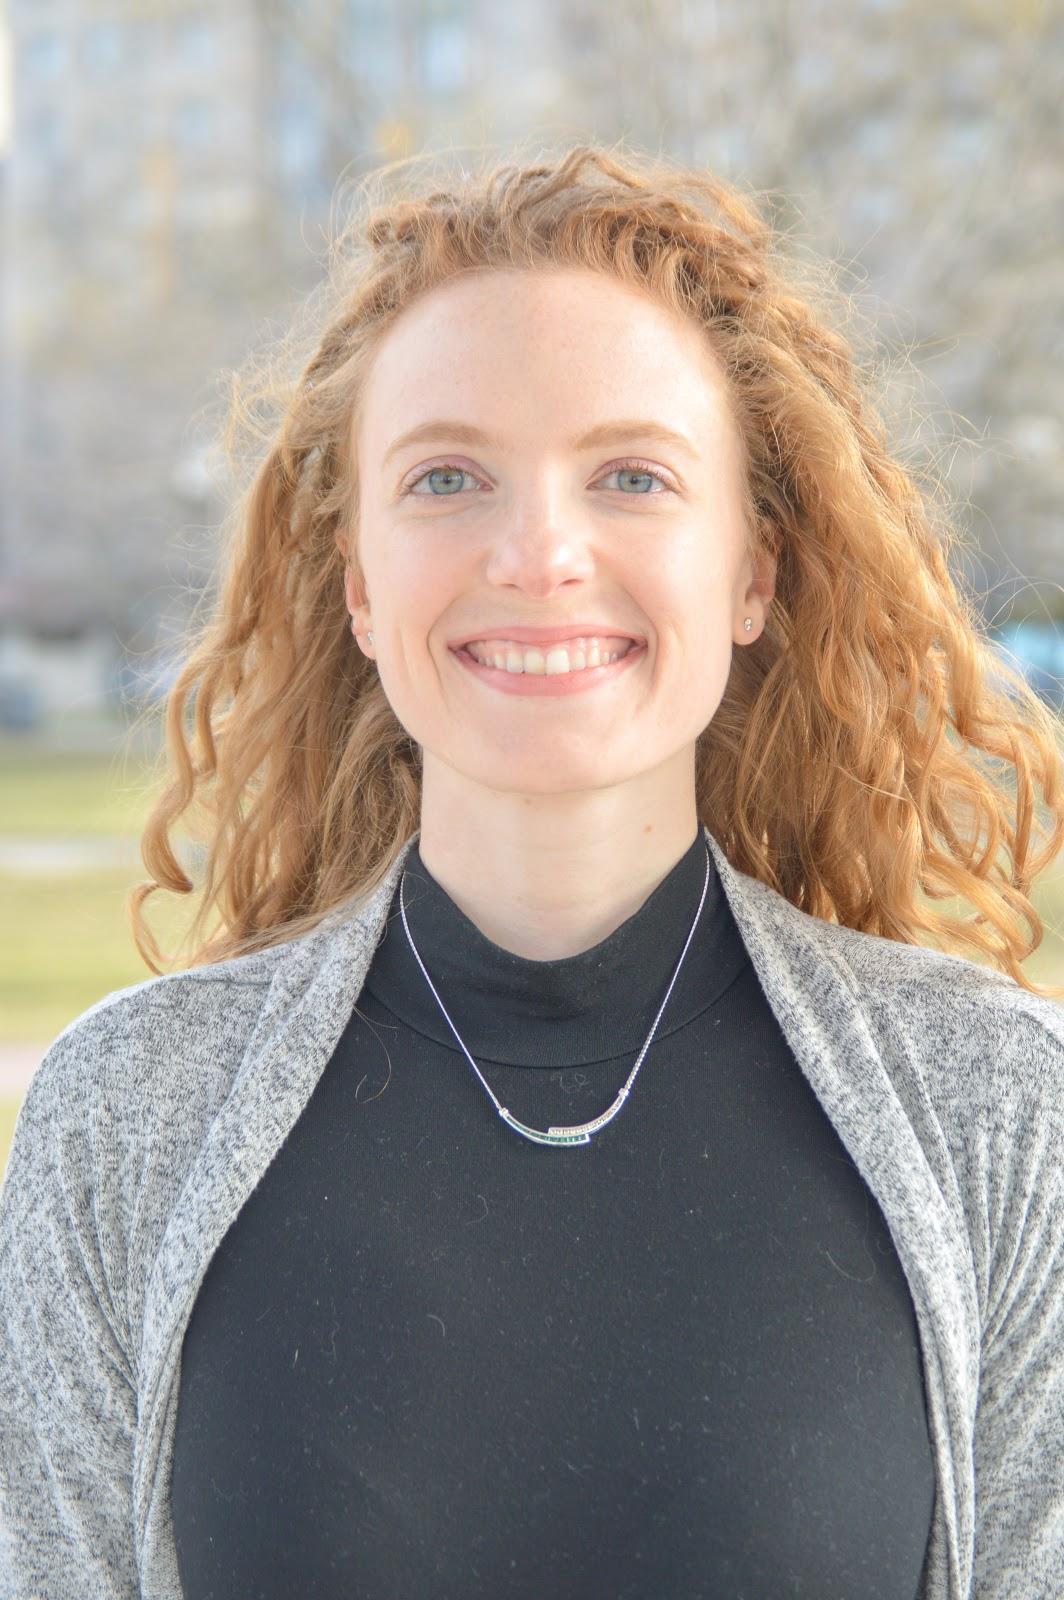 Rachel Juillerat